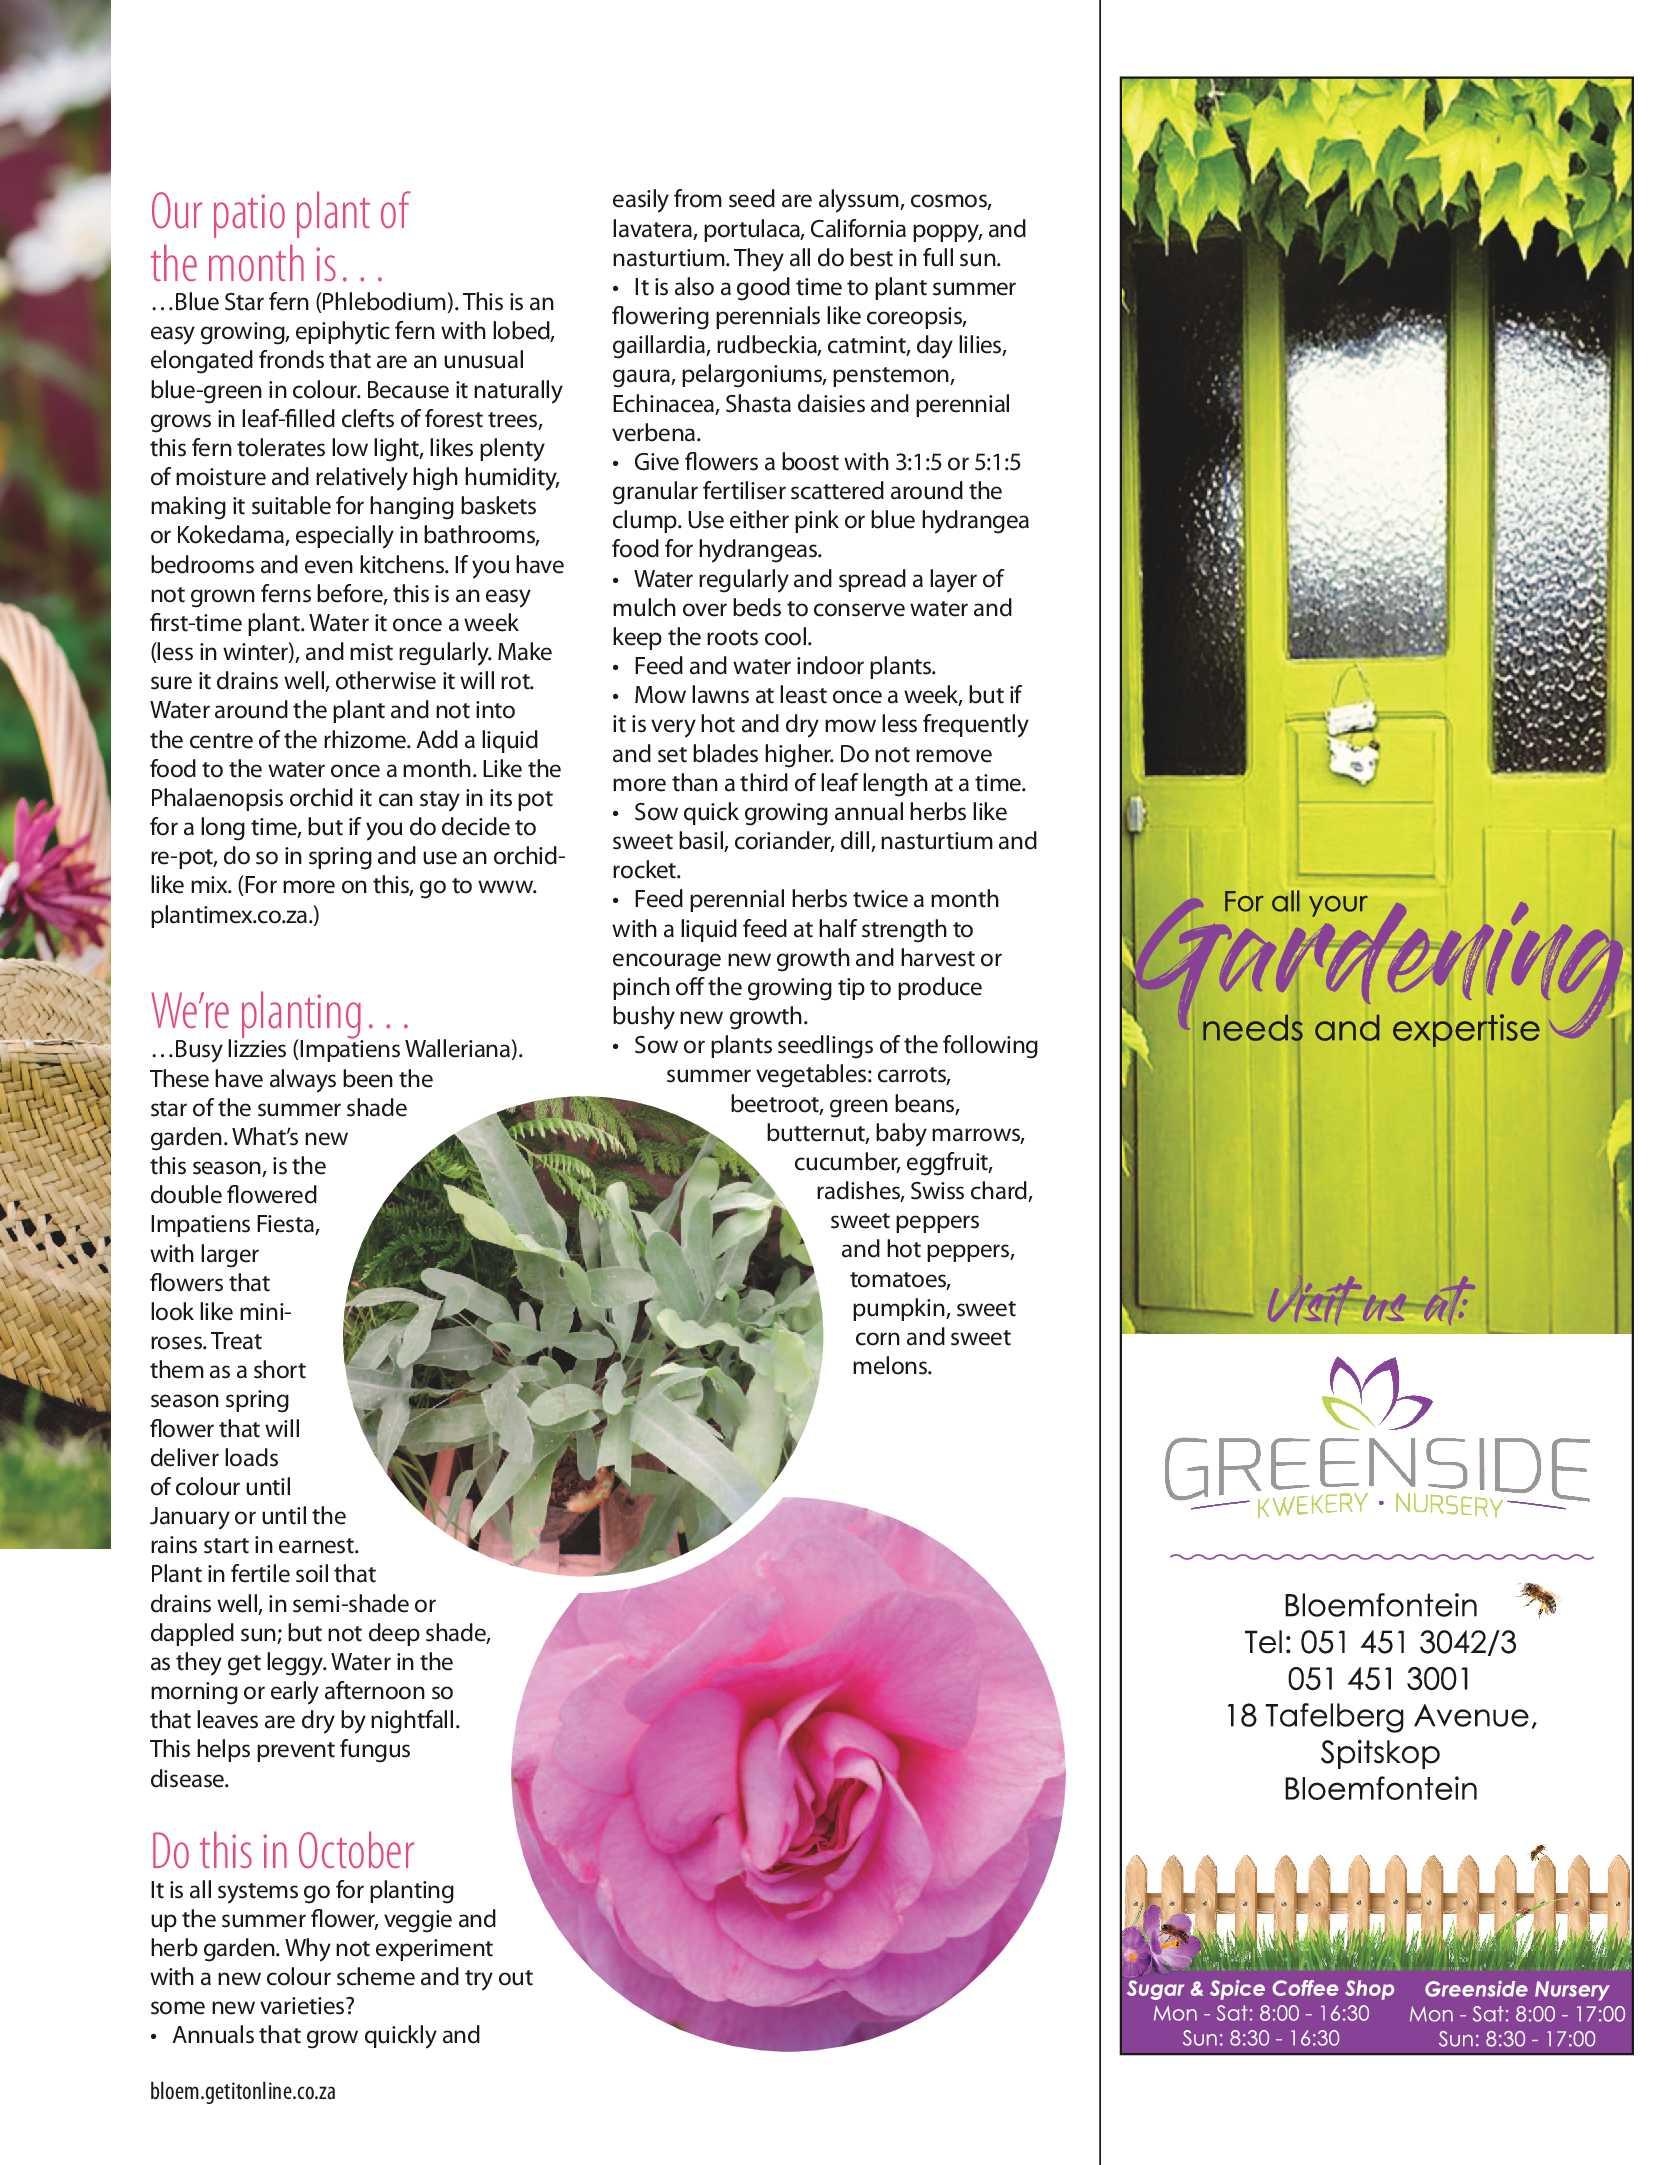 get-bloemfontein-october-epapers-page-31